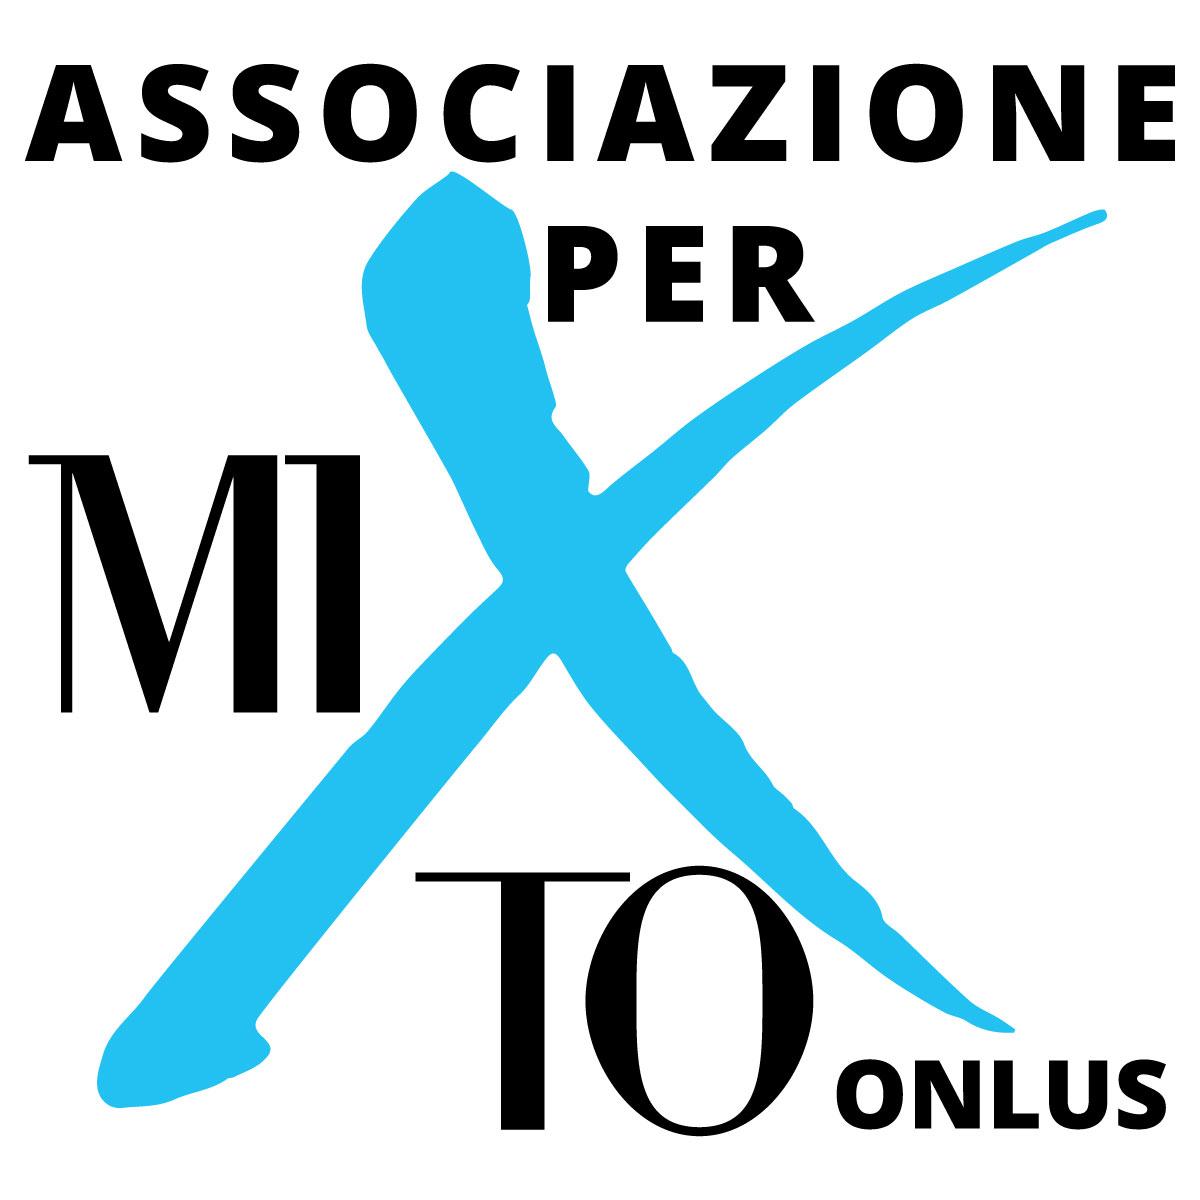 Associazione per MITO Onlus | Prenotazioni